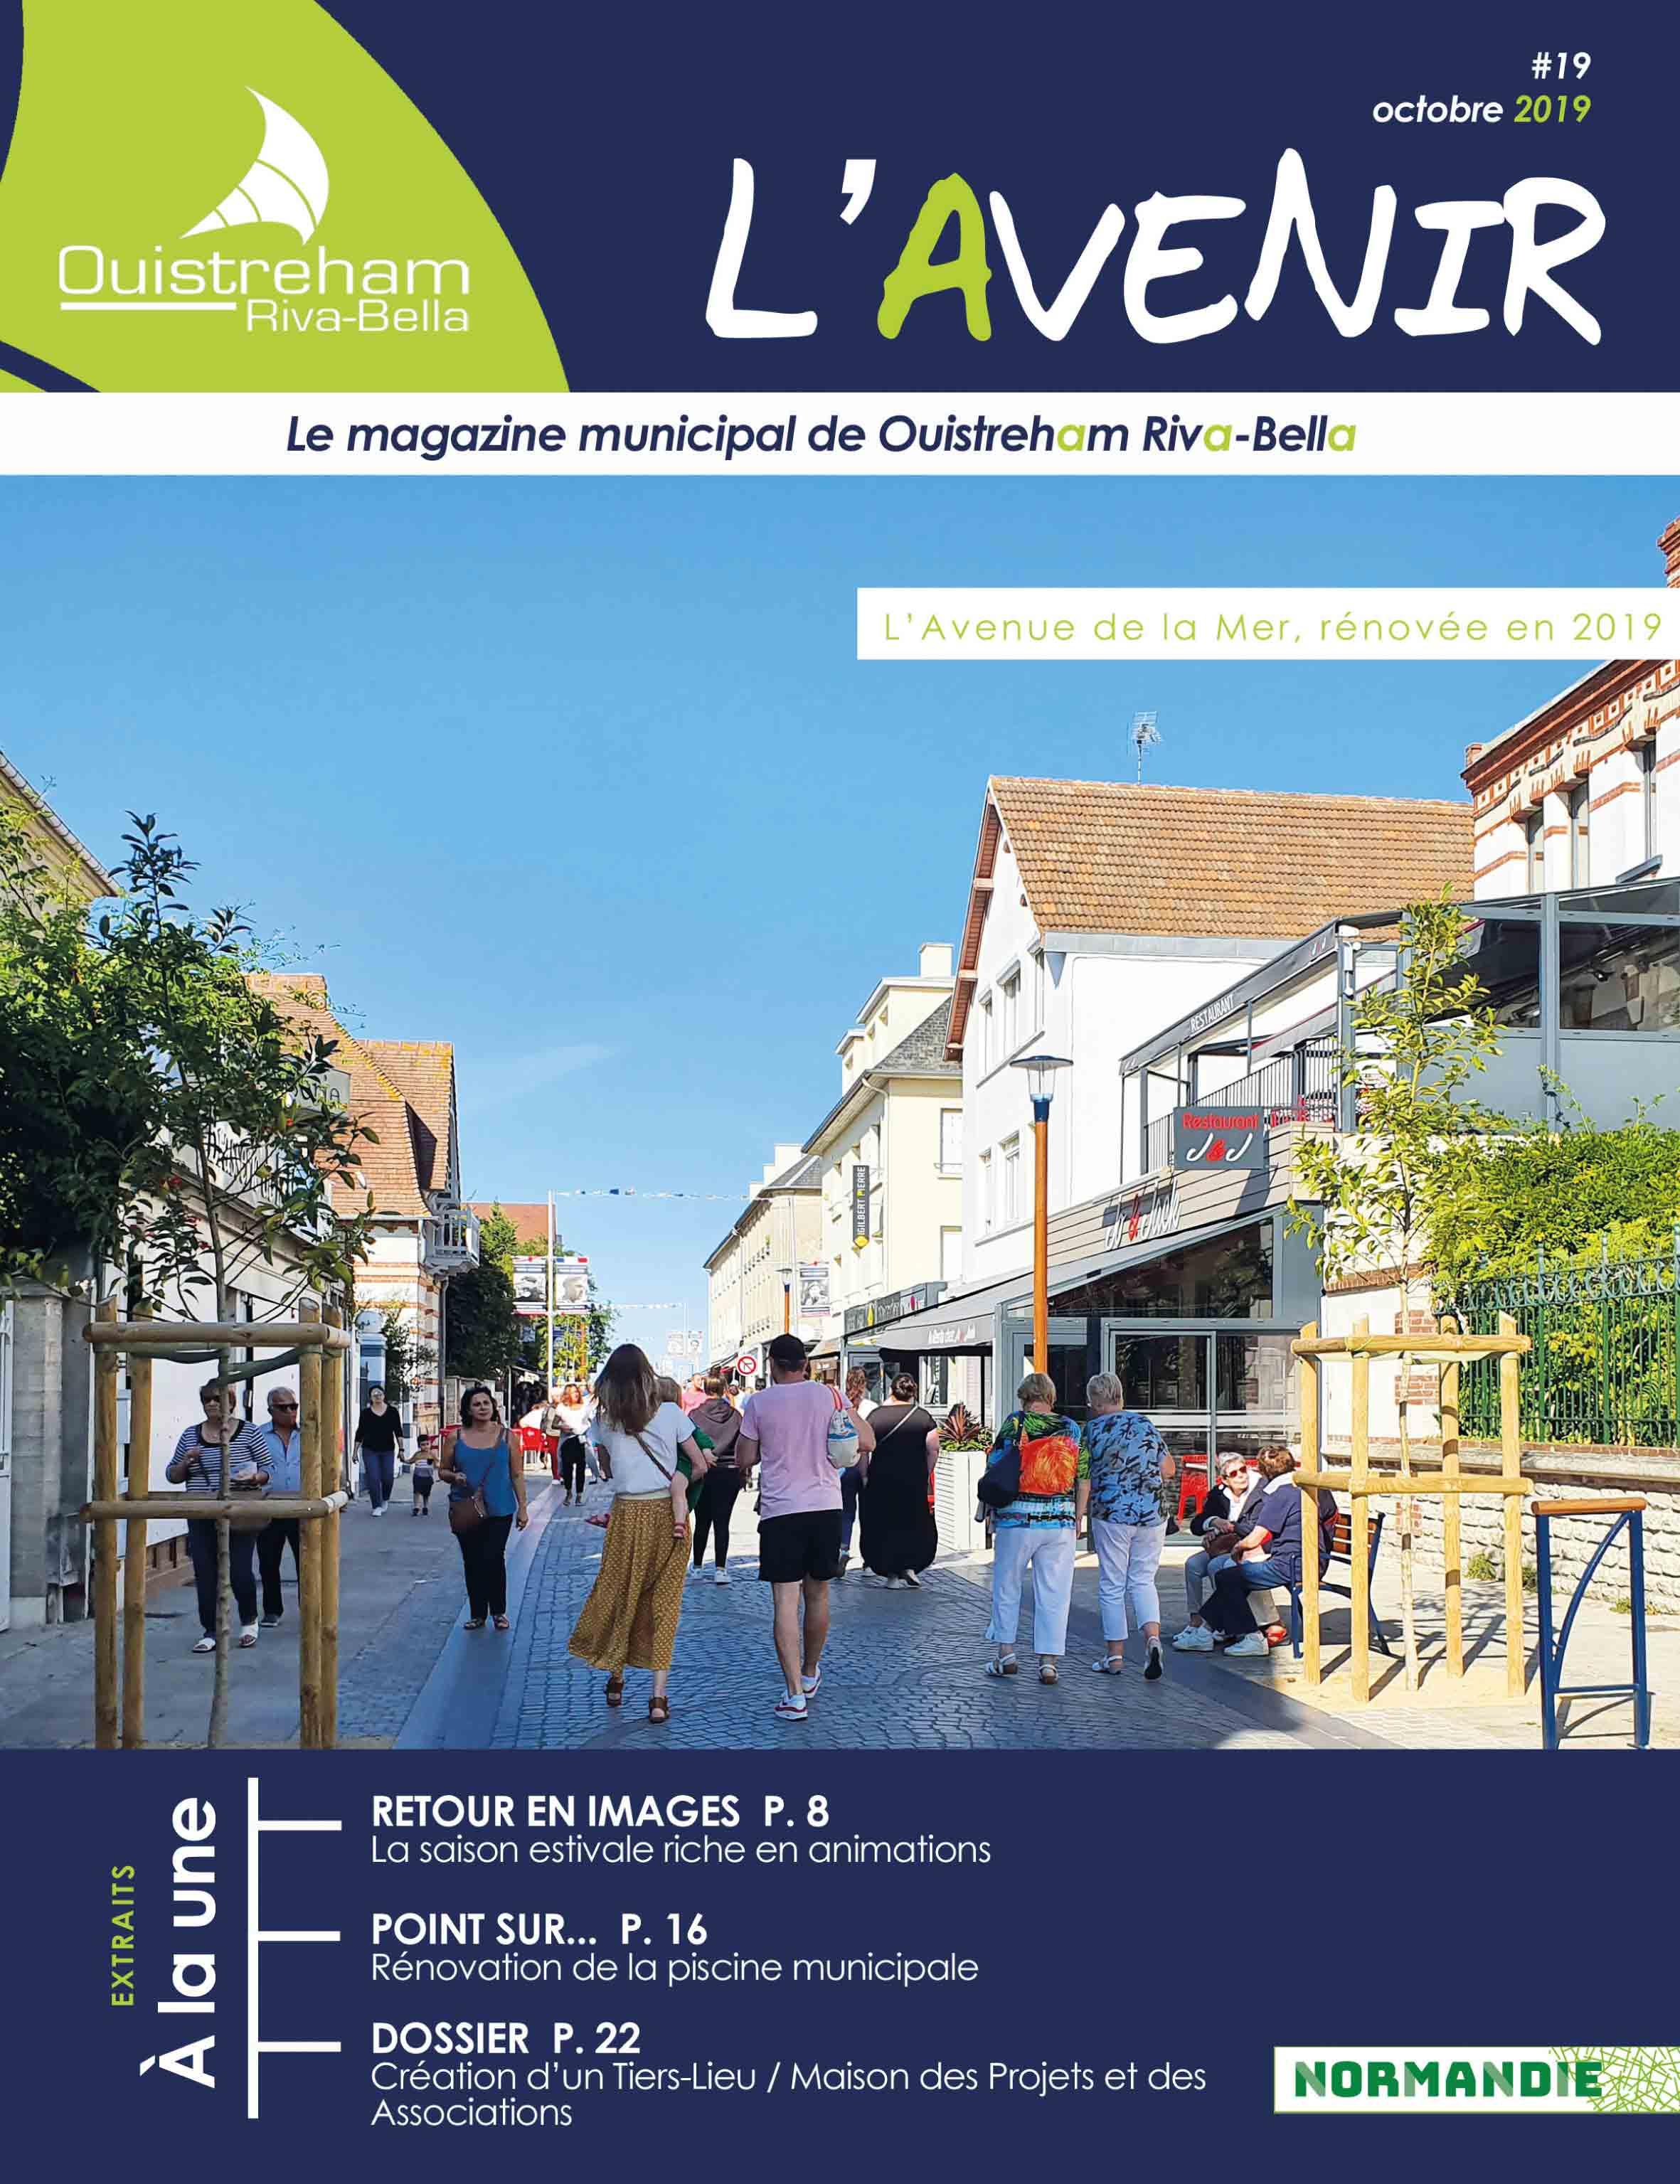 Magazine l'Avenir n°19 - octobre 2019